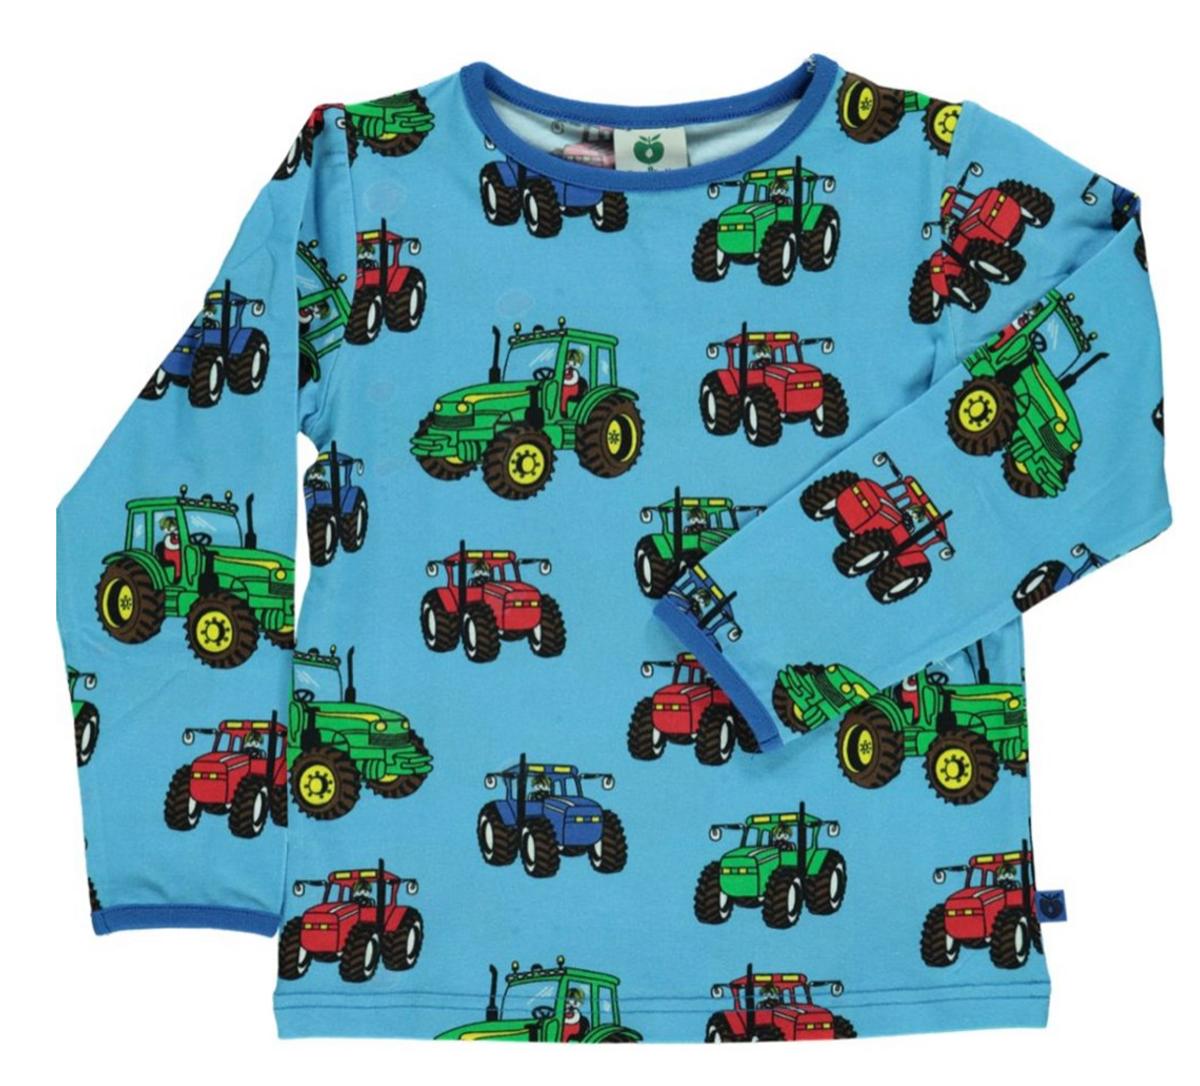 Genser med traktor blue grotto